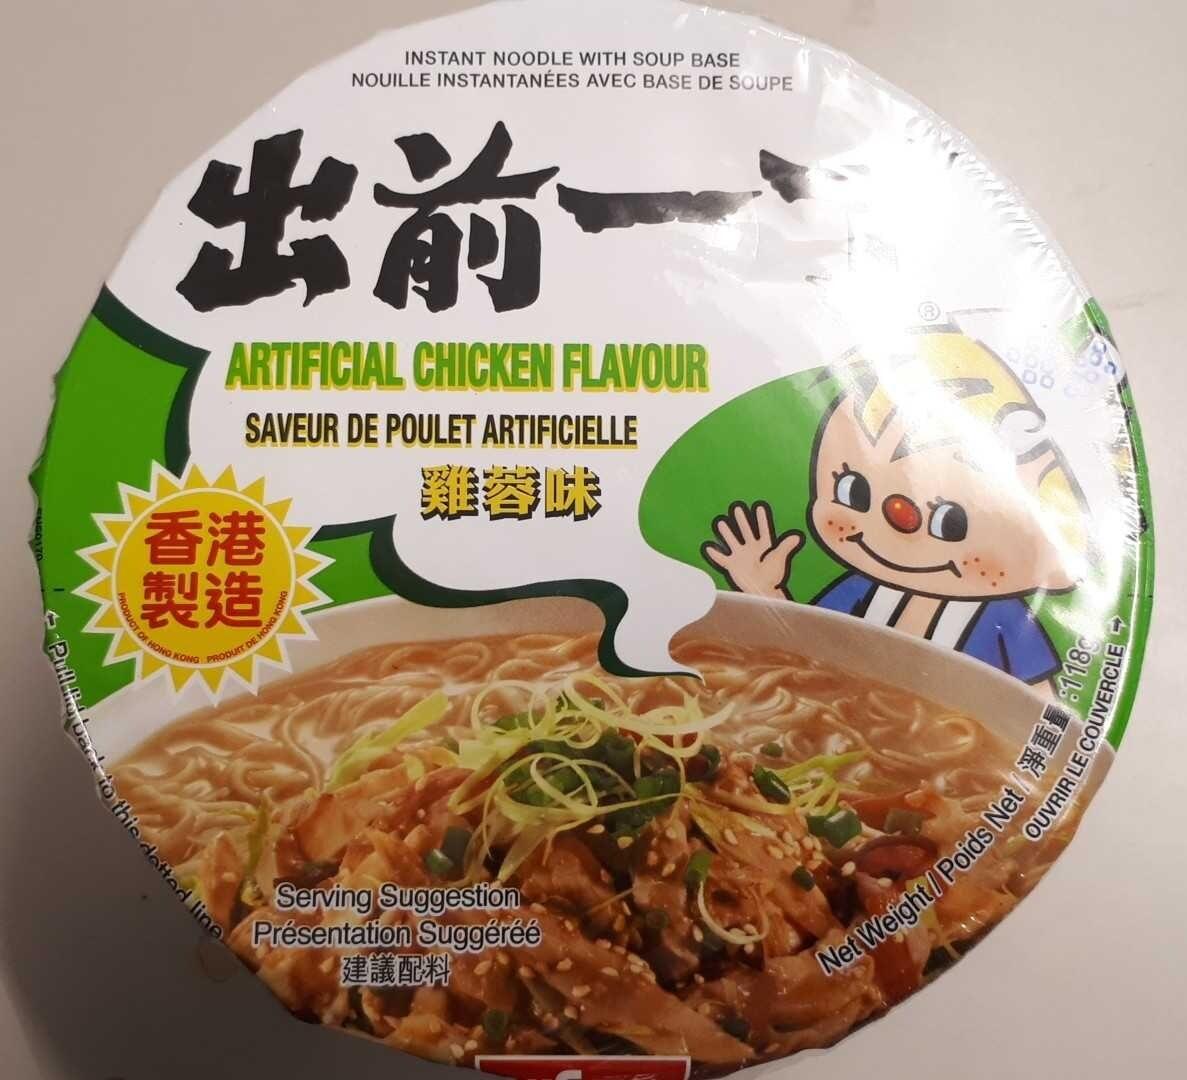 Instant Noodle with Soup Base (Artificial Chicken Flavour) - Produit - en